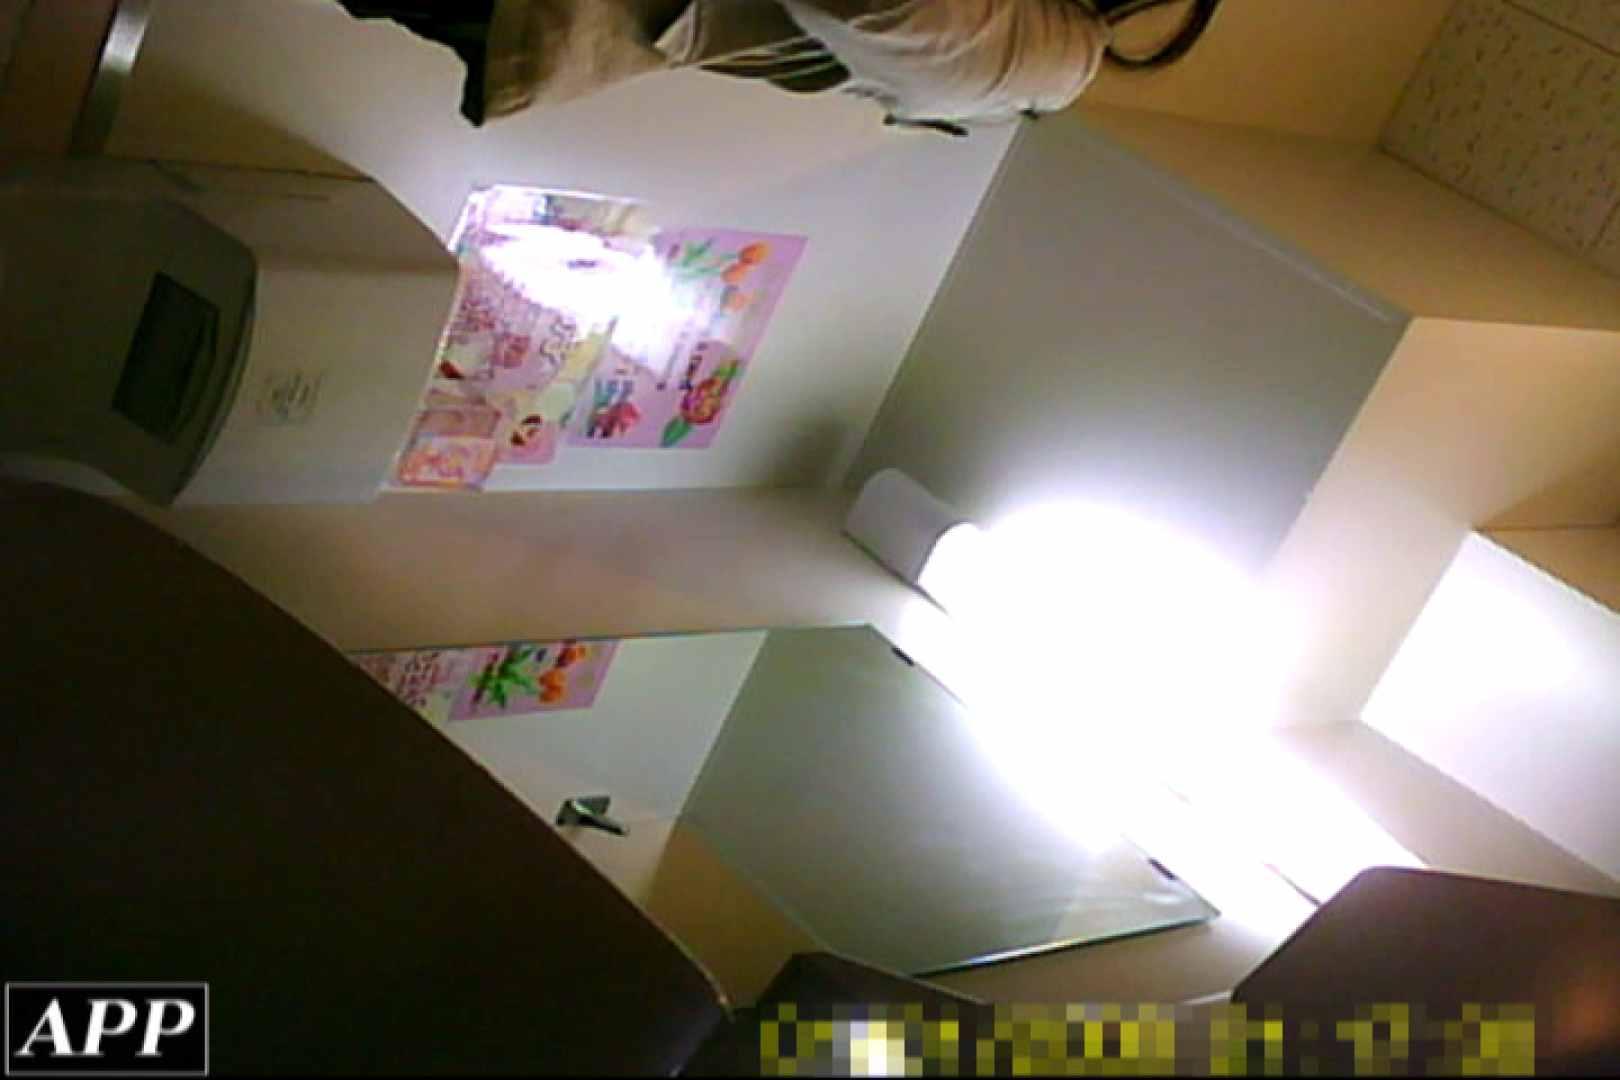 3視点洗面所 vol.108 オマンコ 盗撮ワレメ無修正動画無料 43連発 40